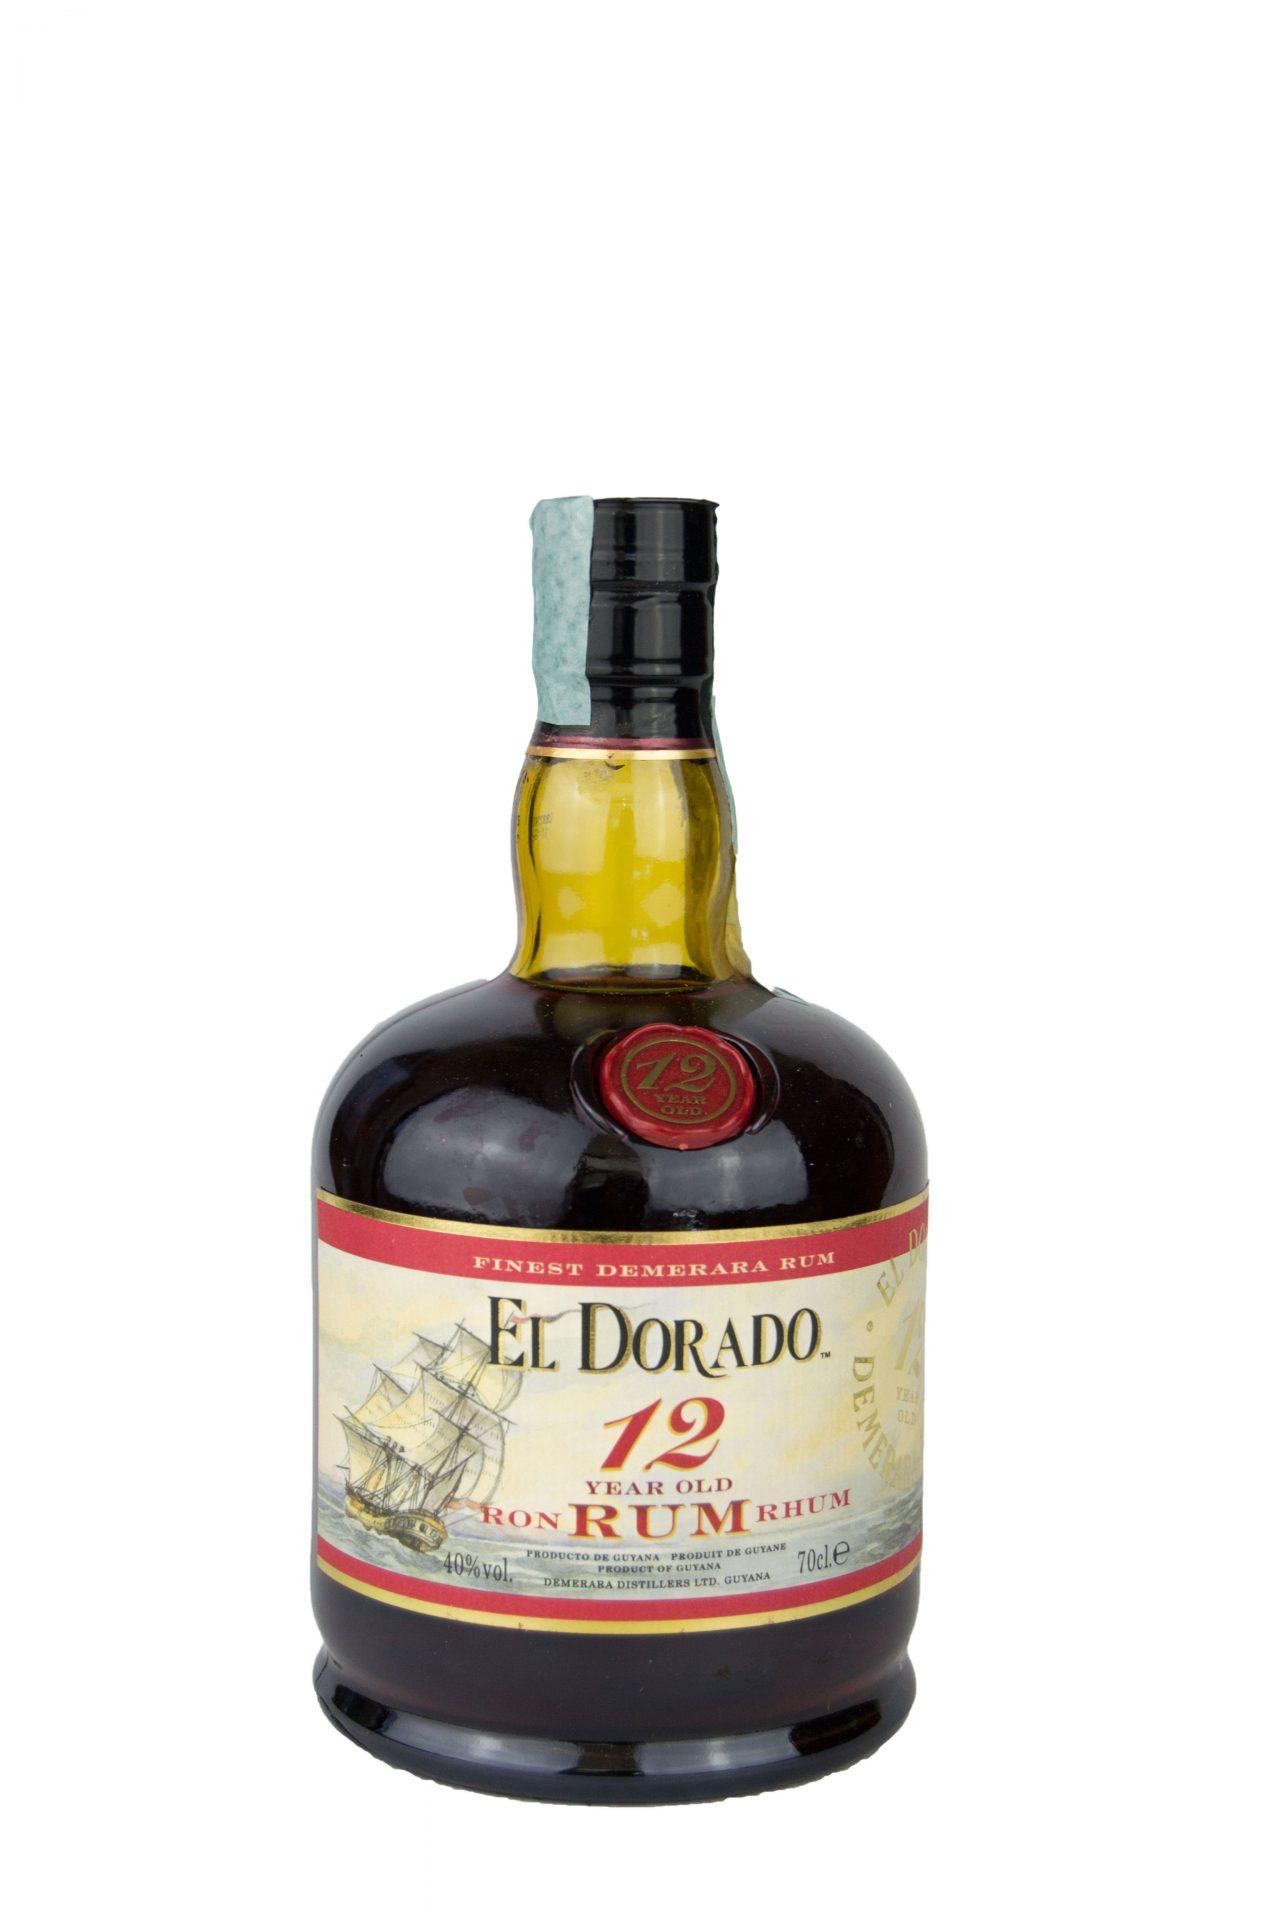 El Dorado – Finest Demerara Rum 12 Years Old